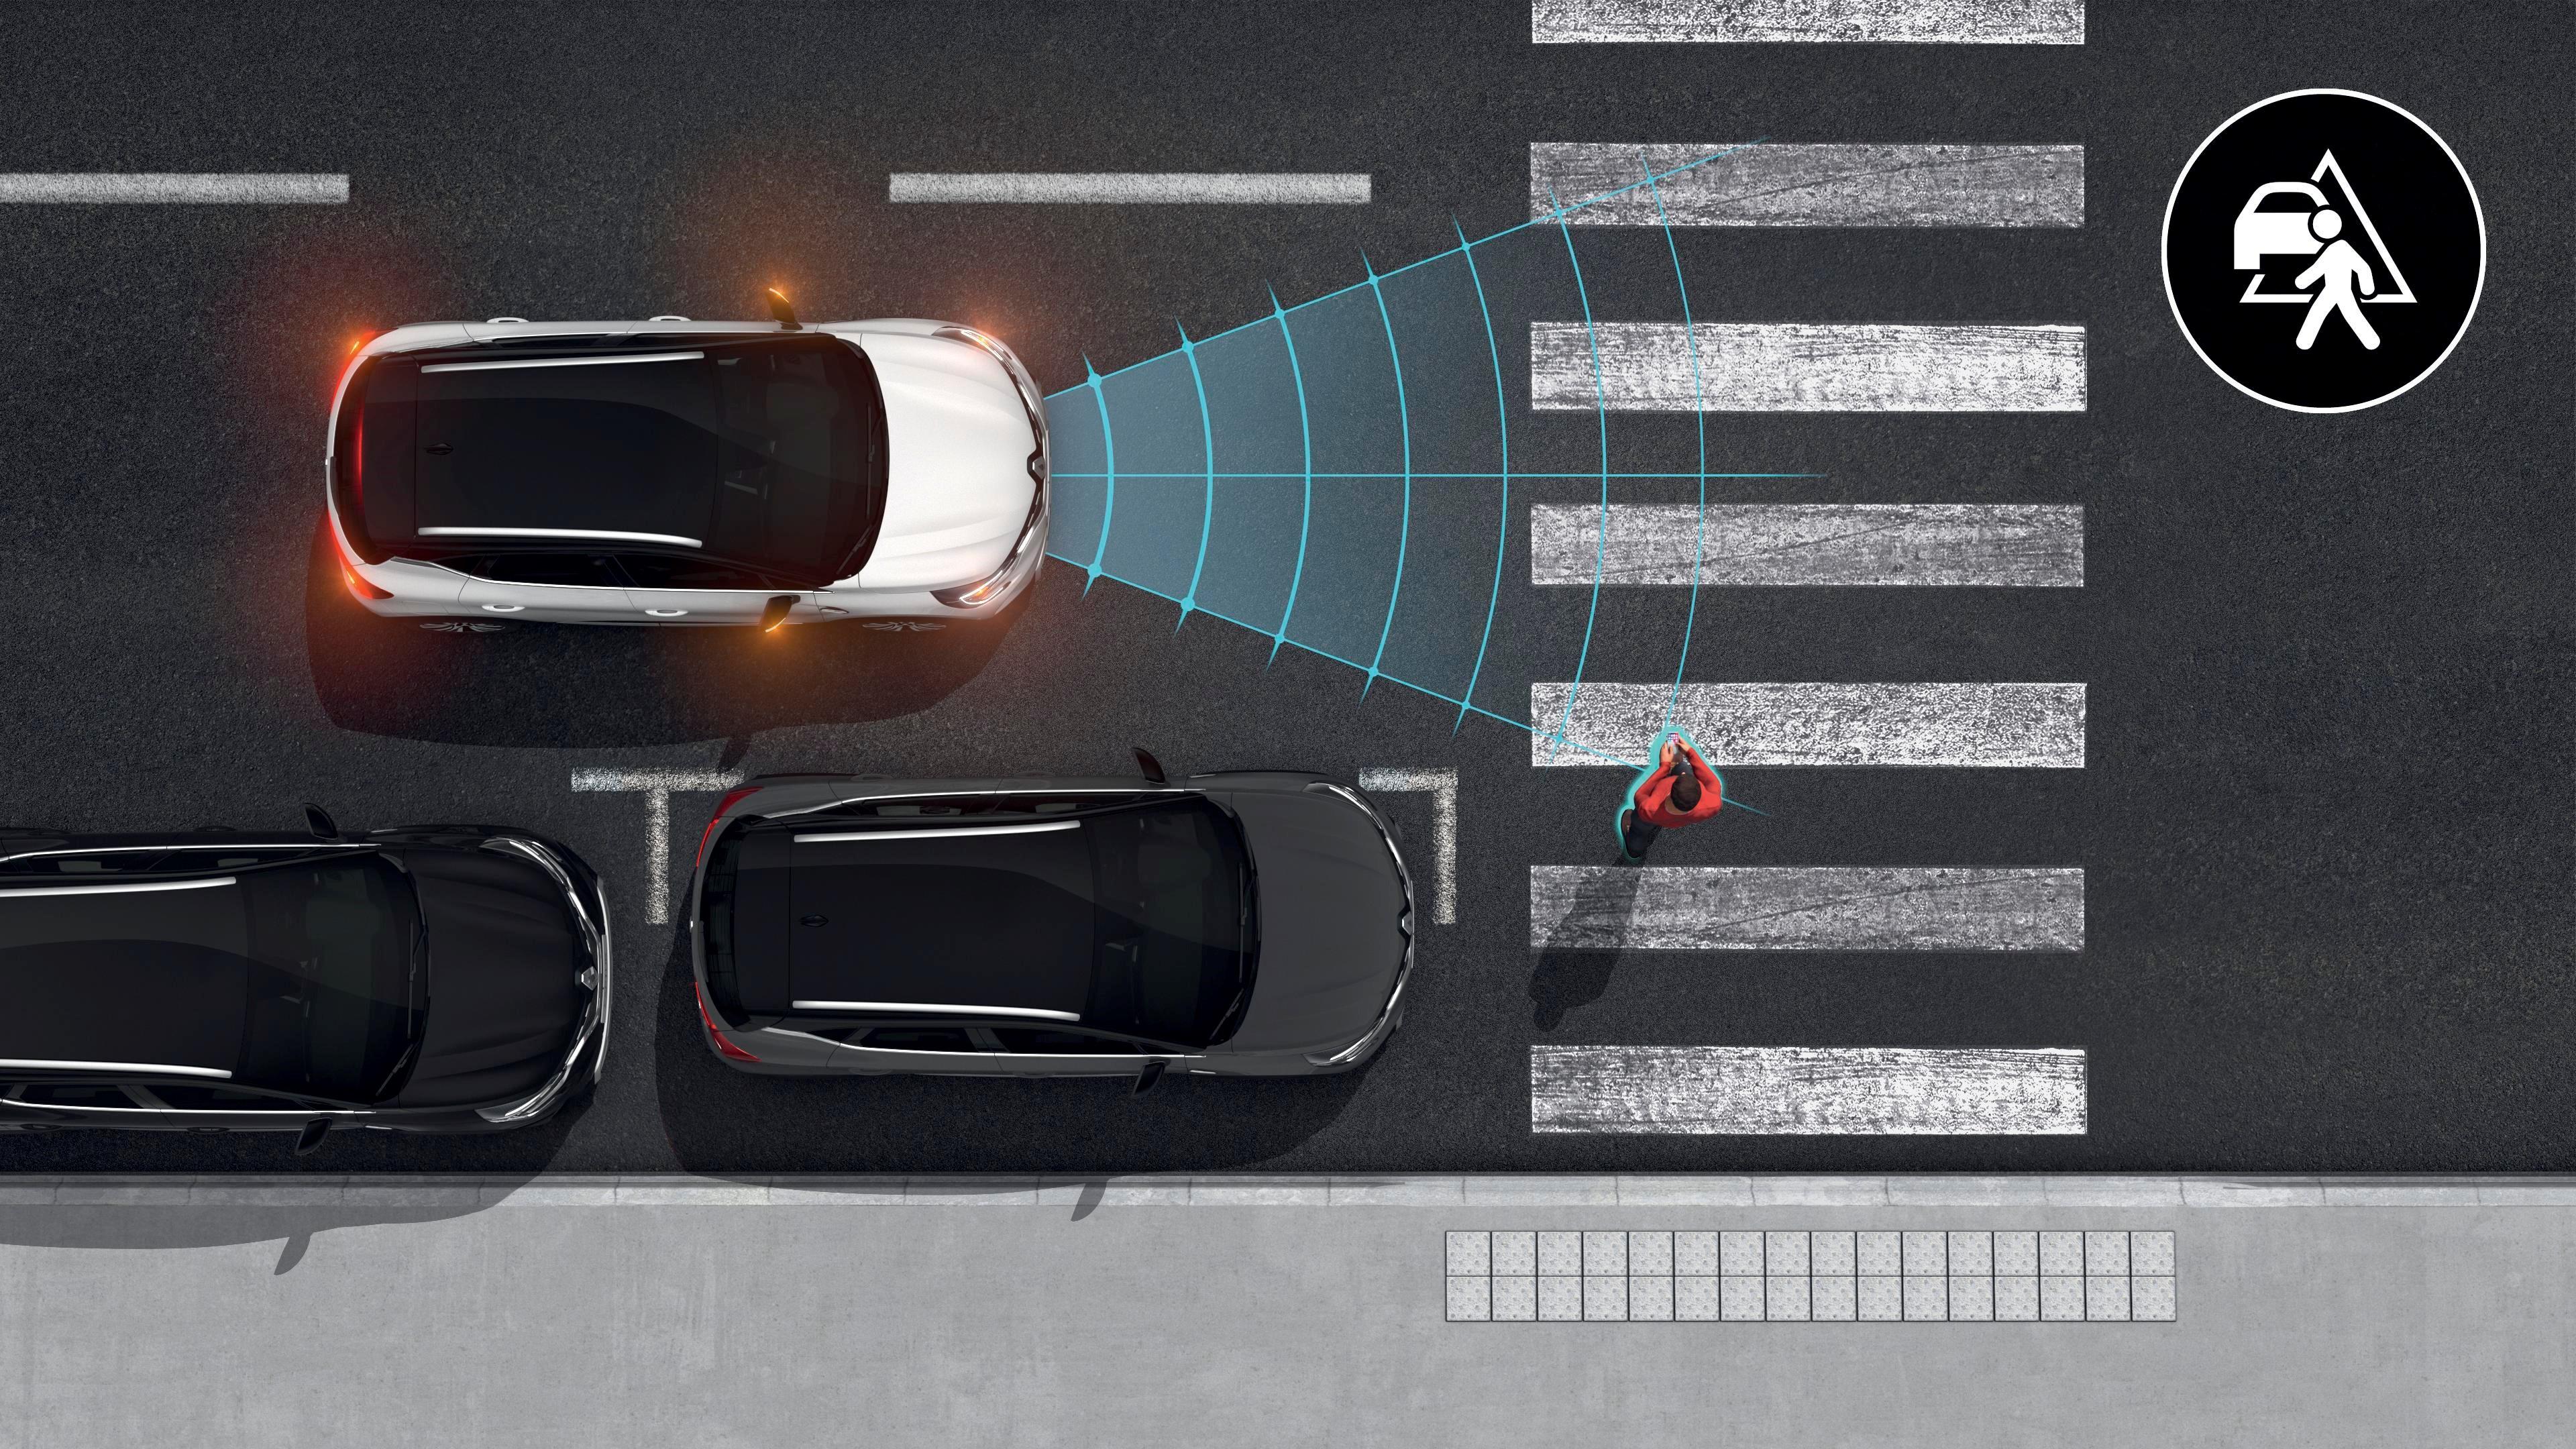 aktywny system wspomagania hamowania z funkcją wykrywania pieszych i rowerzystów